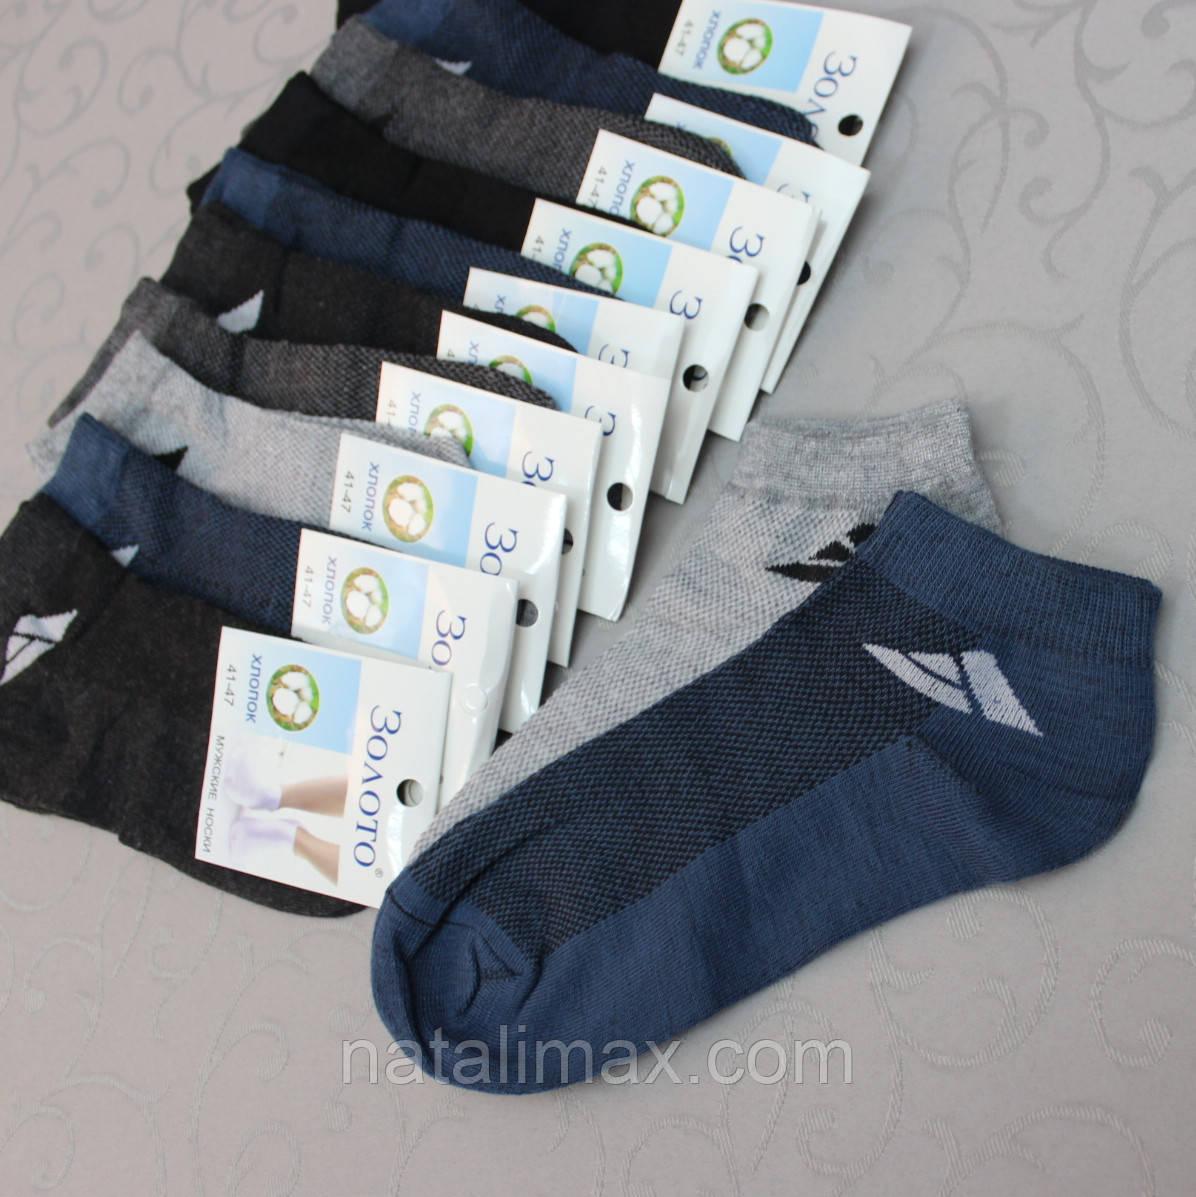 """Носки укороченные под кроссовки,СЕТКА, 41-47 размер. """"Золото"""". Короткие носки спортивного стиля"""